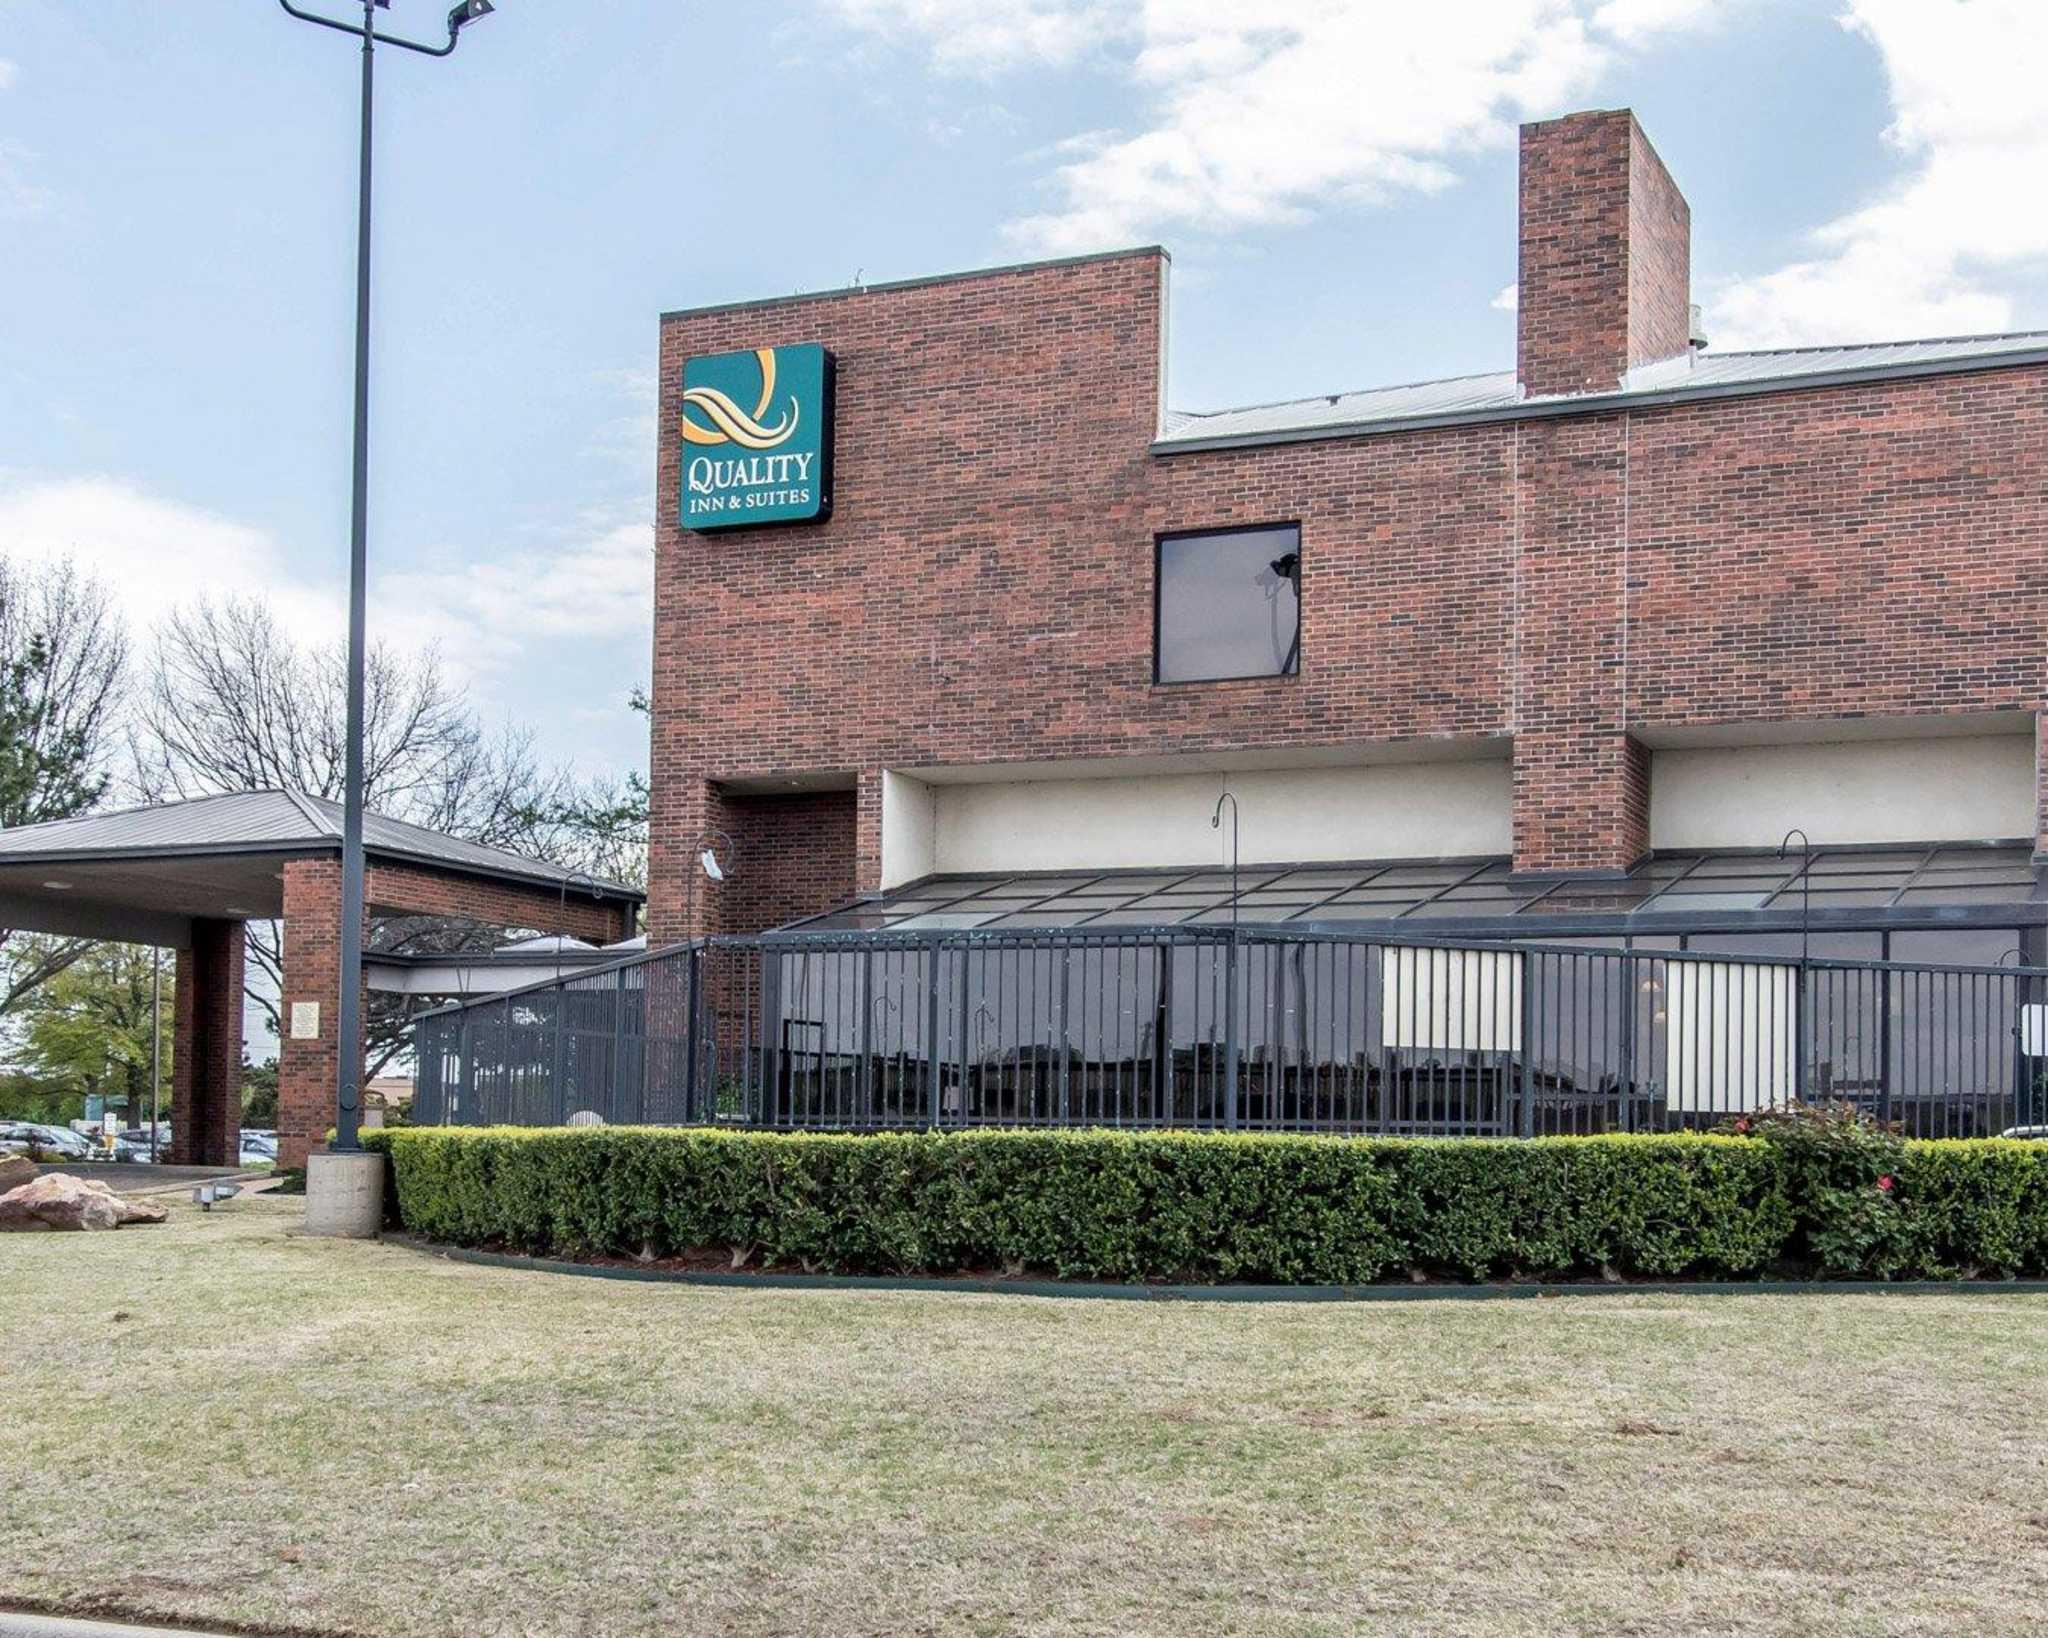 Quality Inn & Suites Fairgrounds West image 2